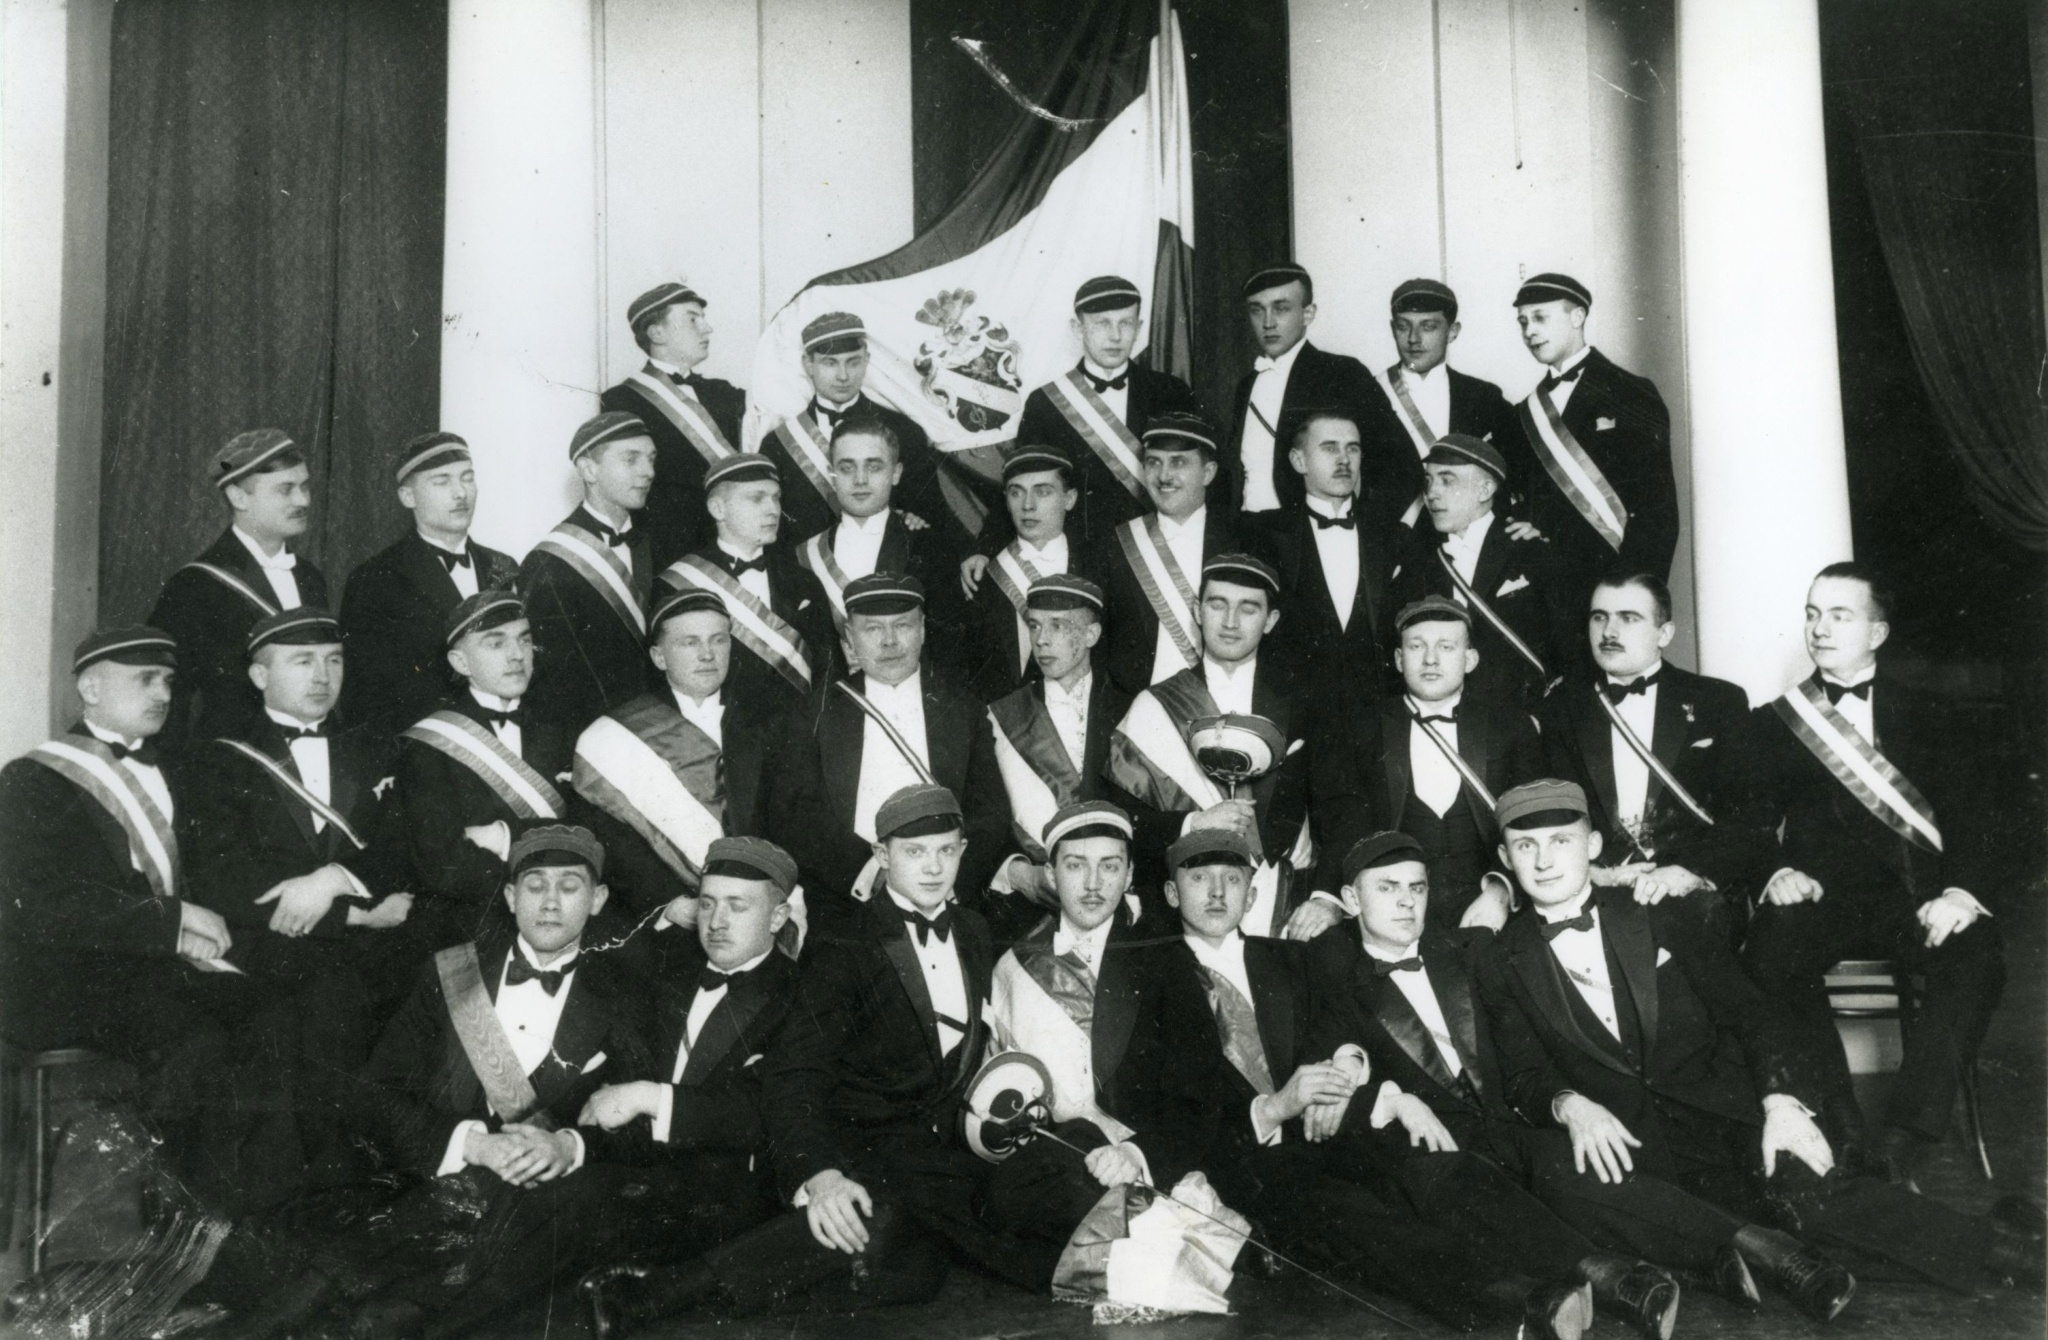 <div class='inner-box'><div class='close-desc'></div><span class='opis'>VII Komers Korporacji Patria. Jerzy Giedroyc (w III rzędzie, piąty od lewej, bez czapki), oprócz niego na zdjęciu m.in. Jan Jachimowicz i Tadeusz Szmitkowski. 1928</span><div class='clearfix'></div><span>Archive ref. FIL00114</span><div class='clearfix'></div><span>© Instytut Literacki</span></div>